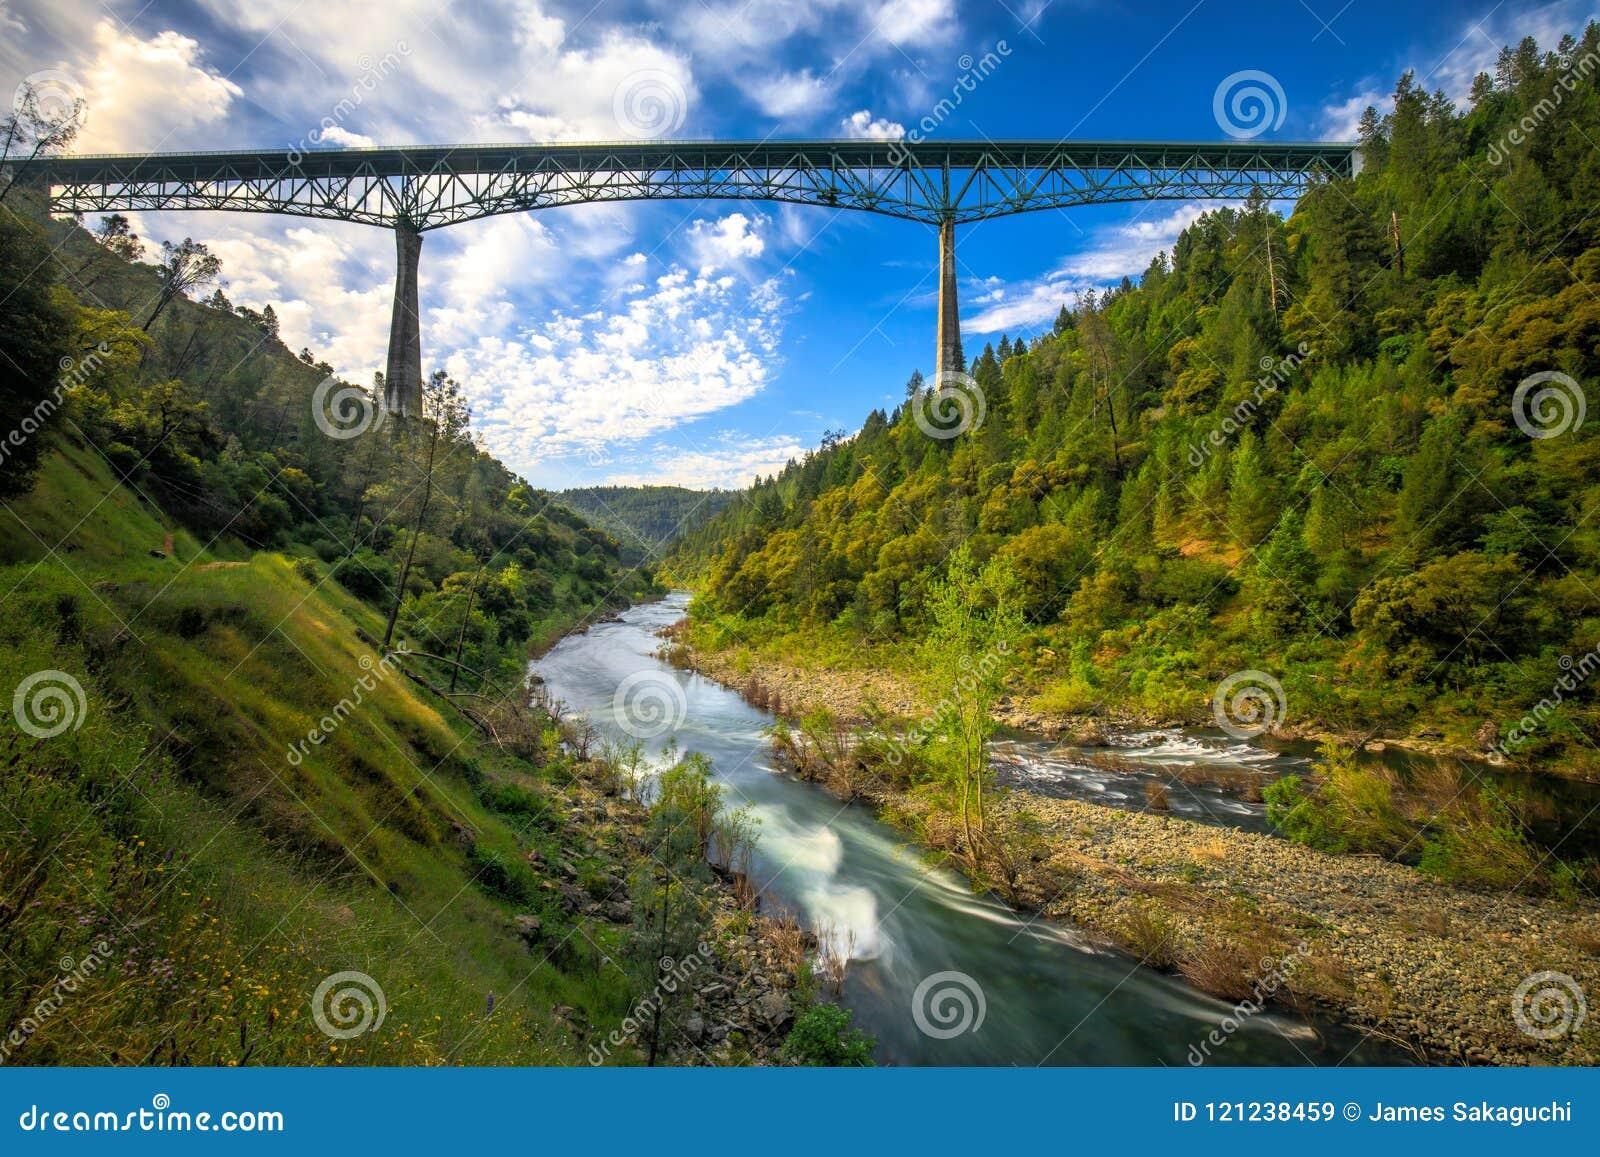 Γέφυρα Foresthill σε πυρόξανθη Καλιφόρνια, η τέταρτος-πιό ψηλή γέφυρα στις ΗΠΑ και τις στάσεις πέρα από τον αμερικανικό ποταμό